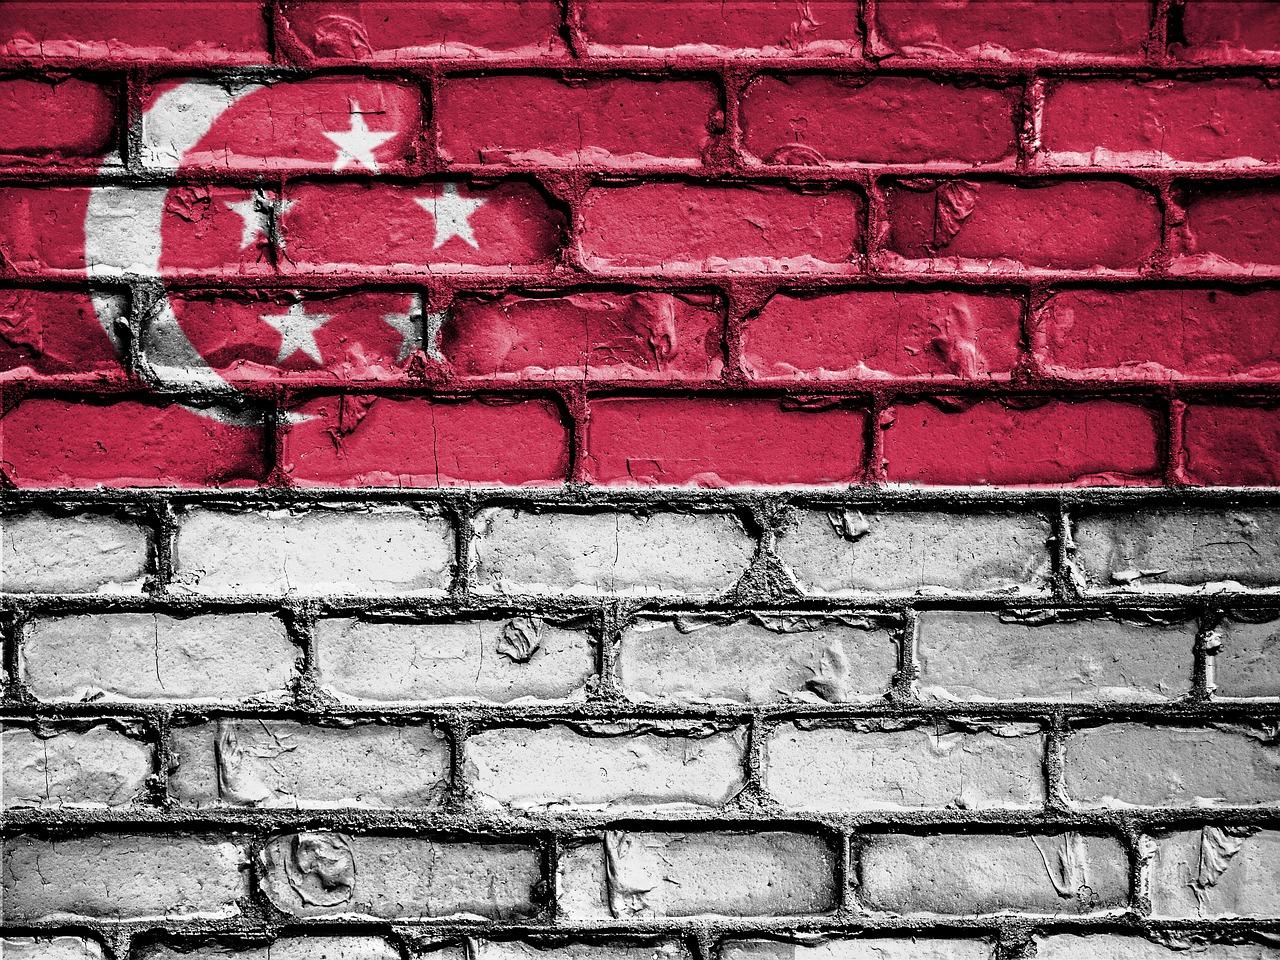 Se acerca la implementación de la red de pagos blockchain en Singapur